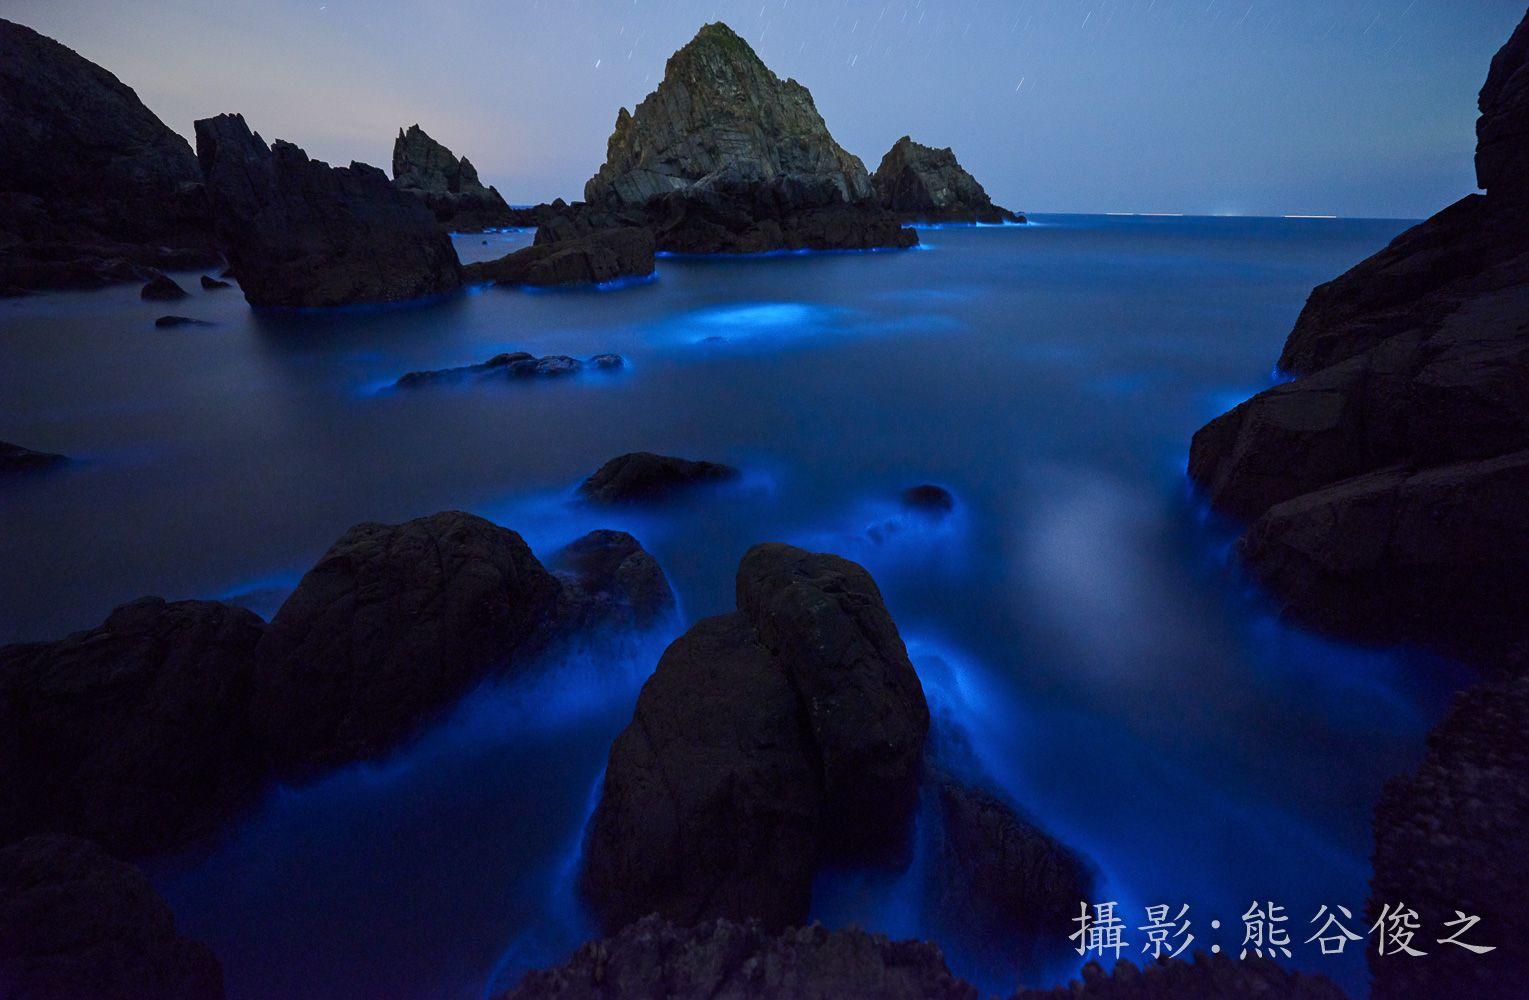 「台灣什麼都有,只是你不知道!」日本攝影師熊谷俊之旅台30年,12月台北開辦個展